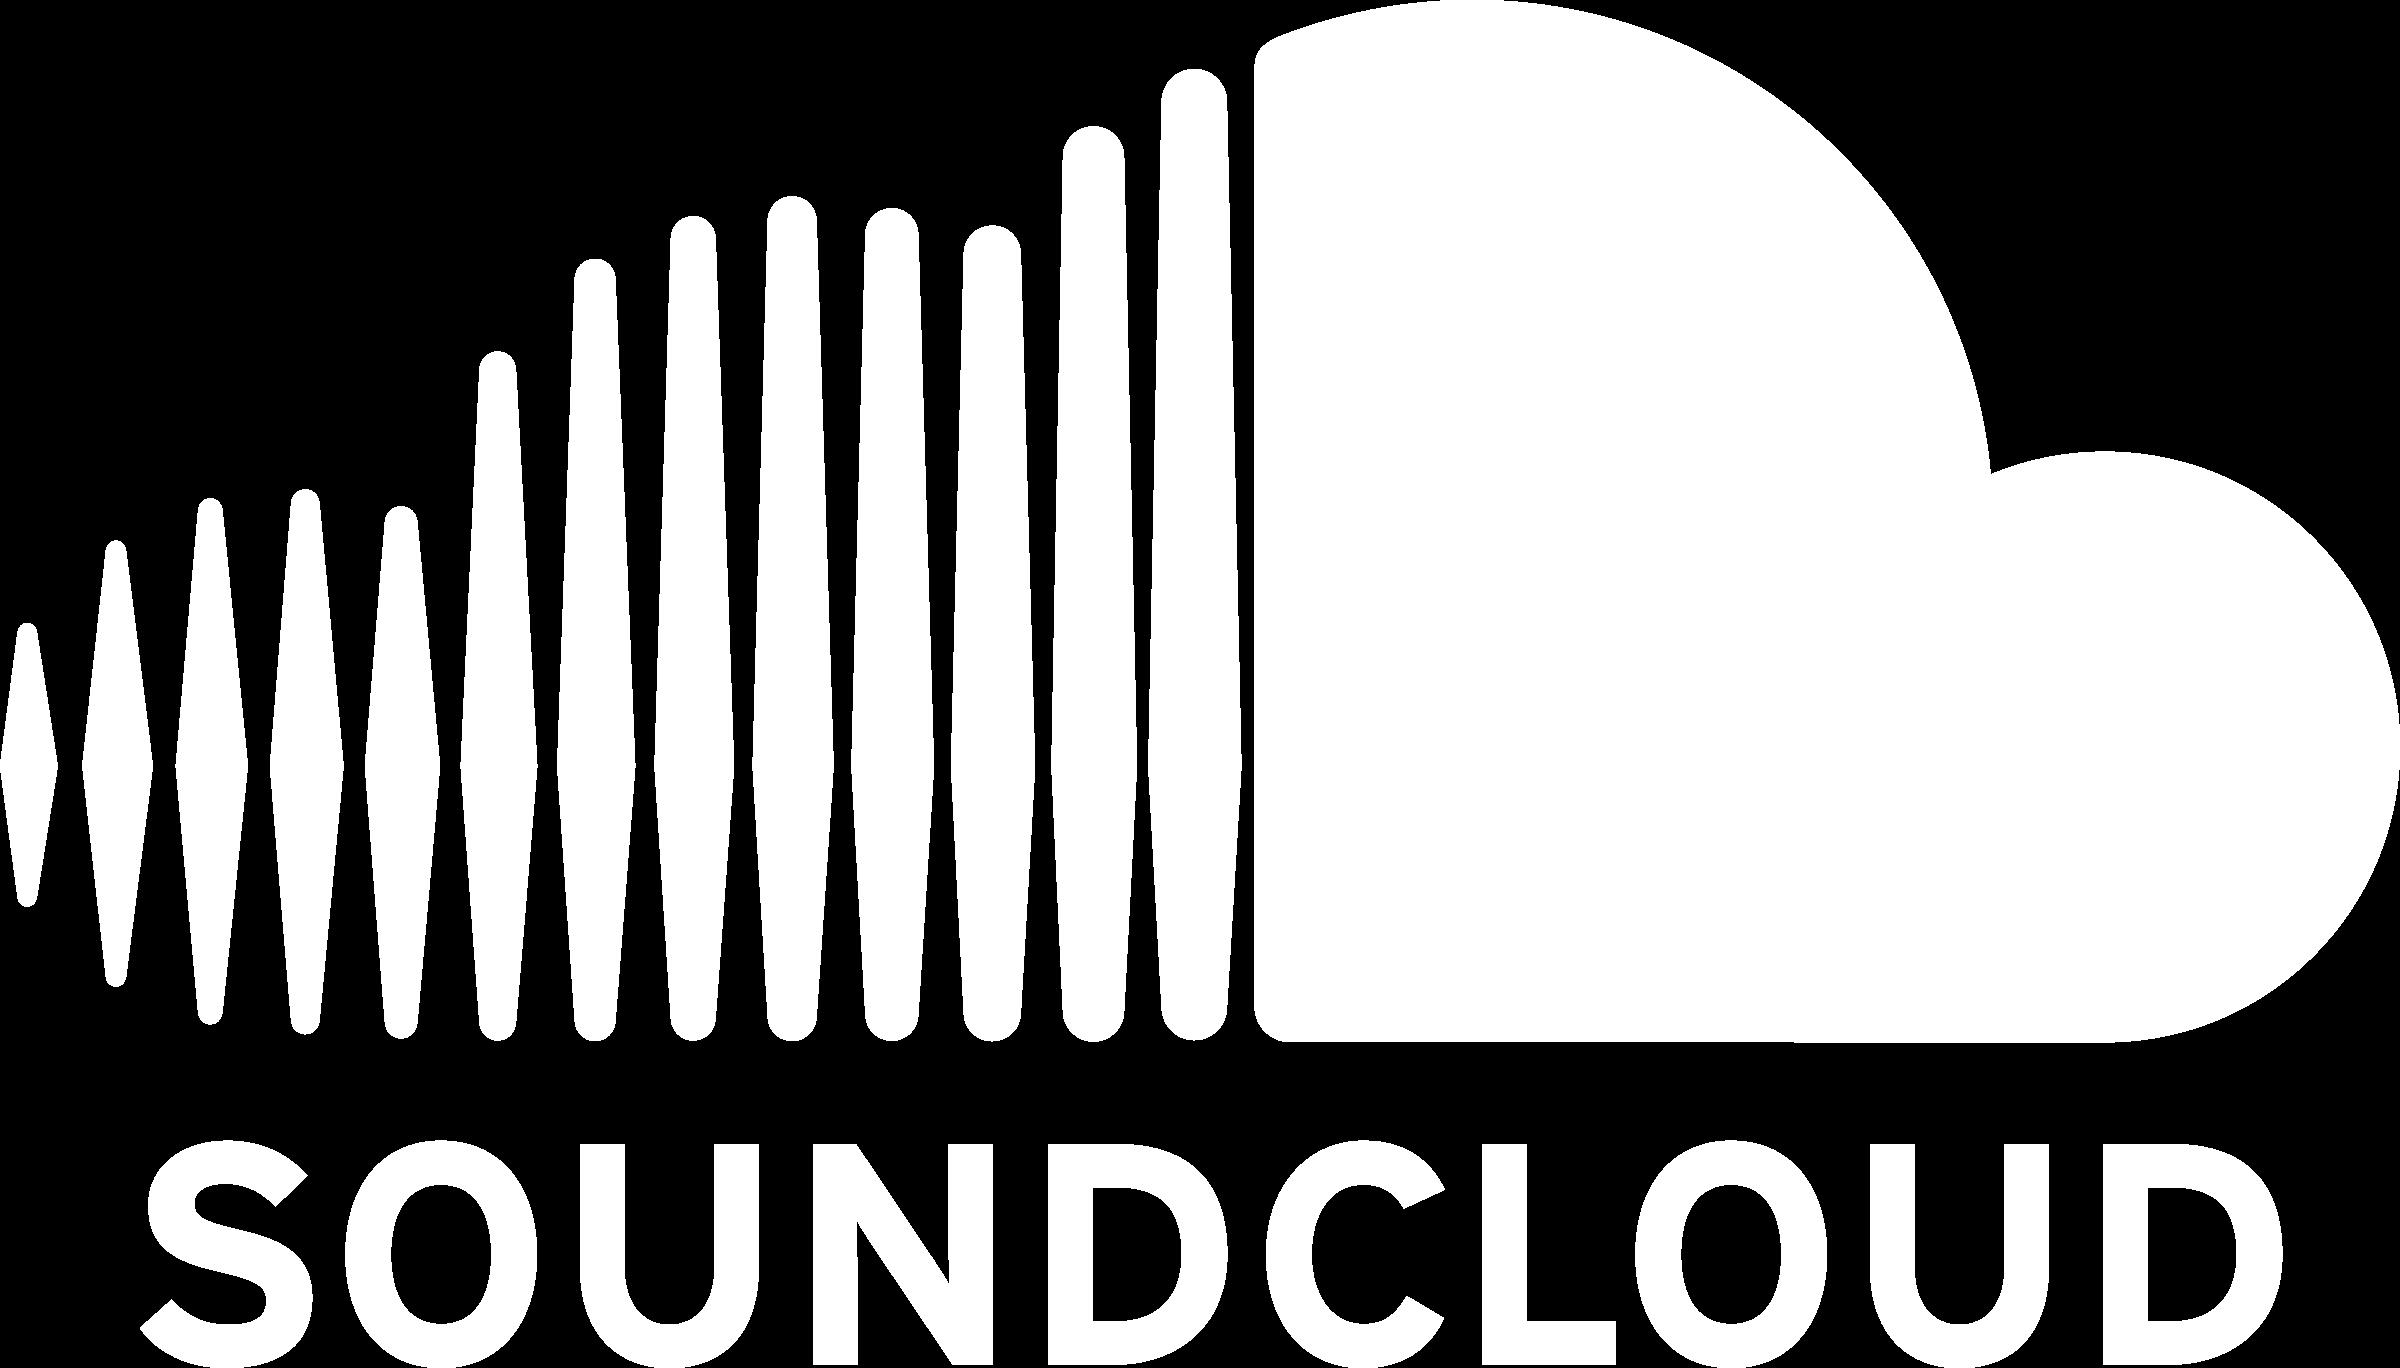 soundcloud logo png transparent amp svg vector freebie supply